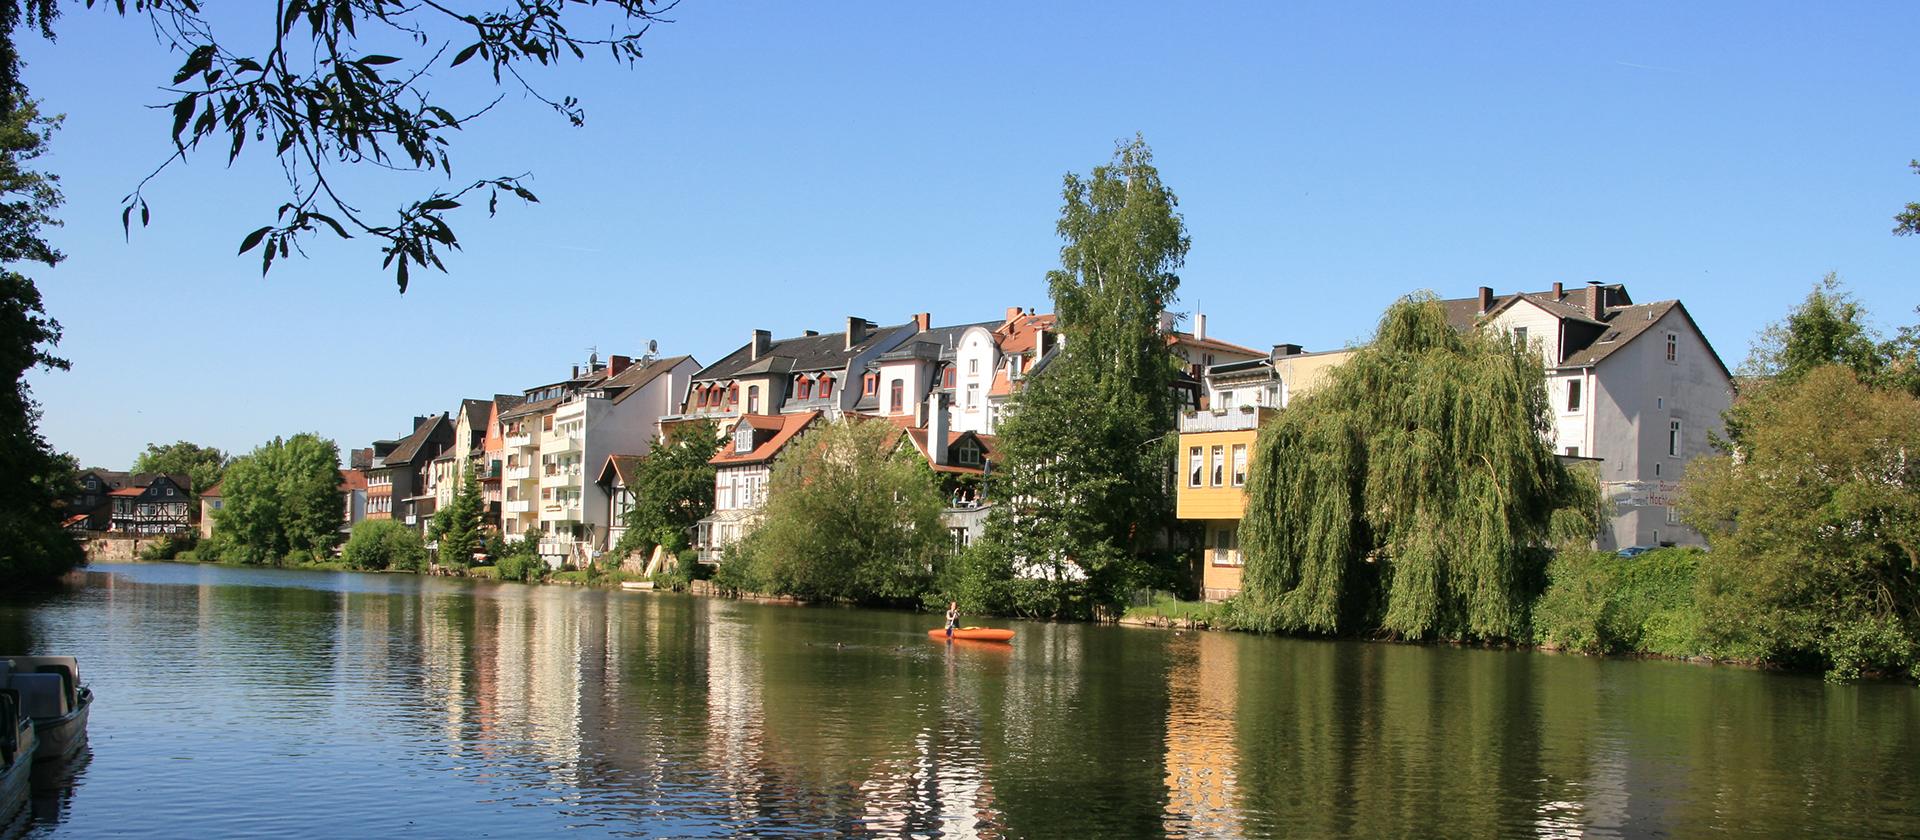 Die Marburger Lahn